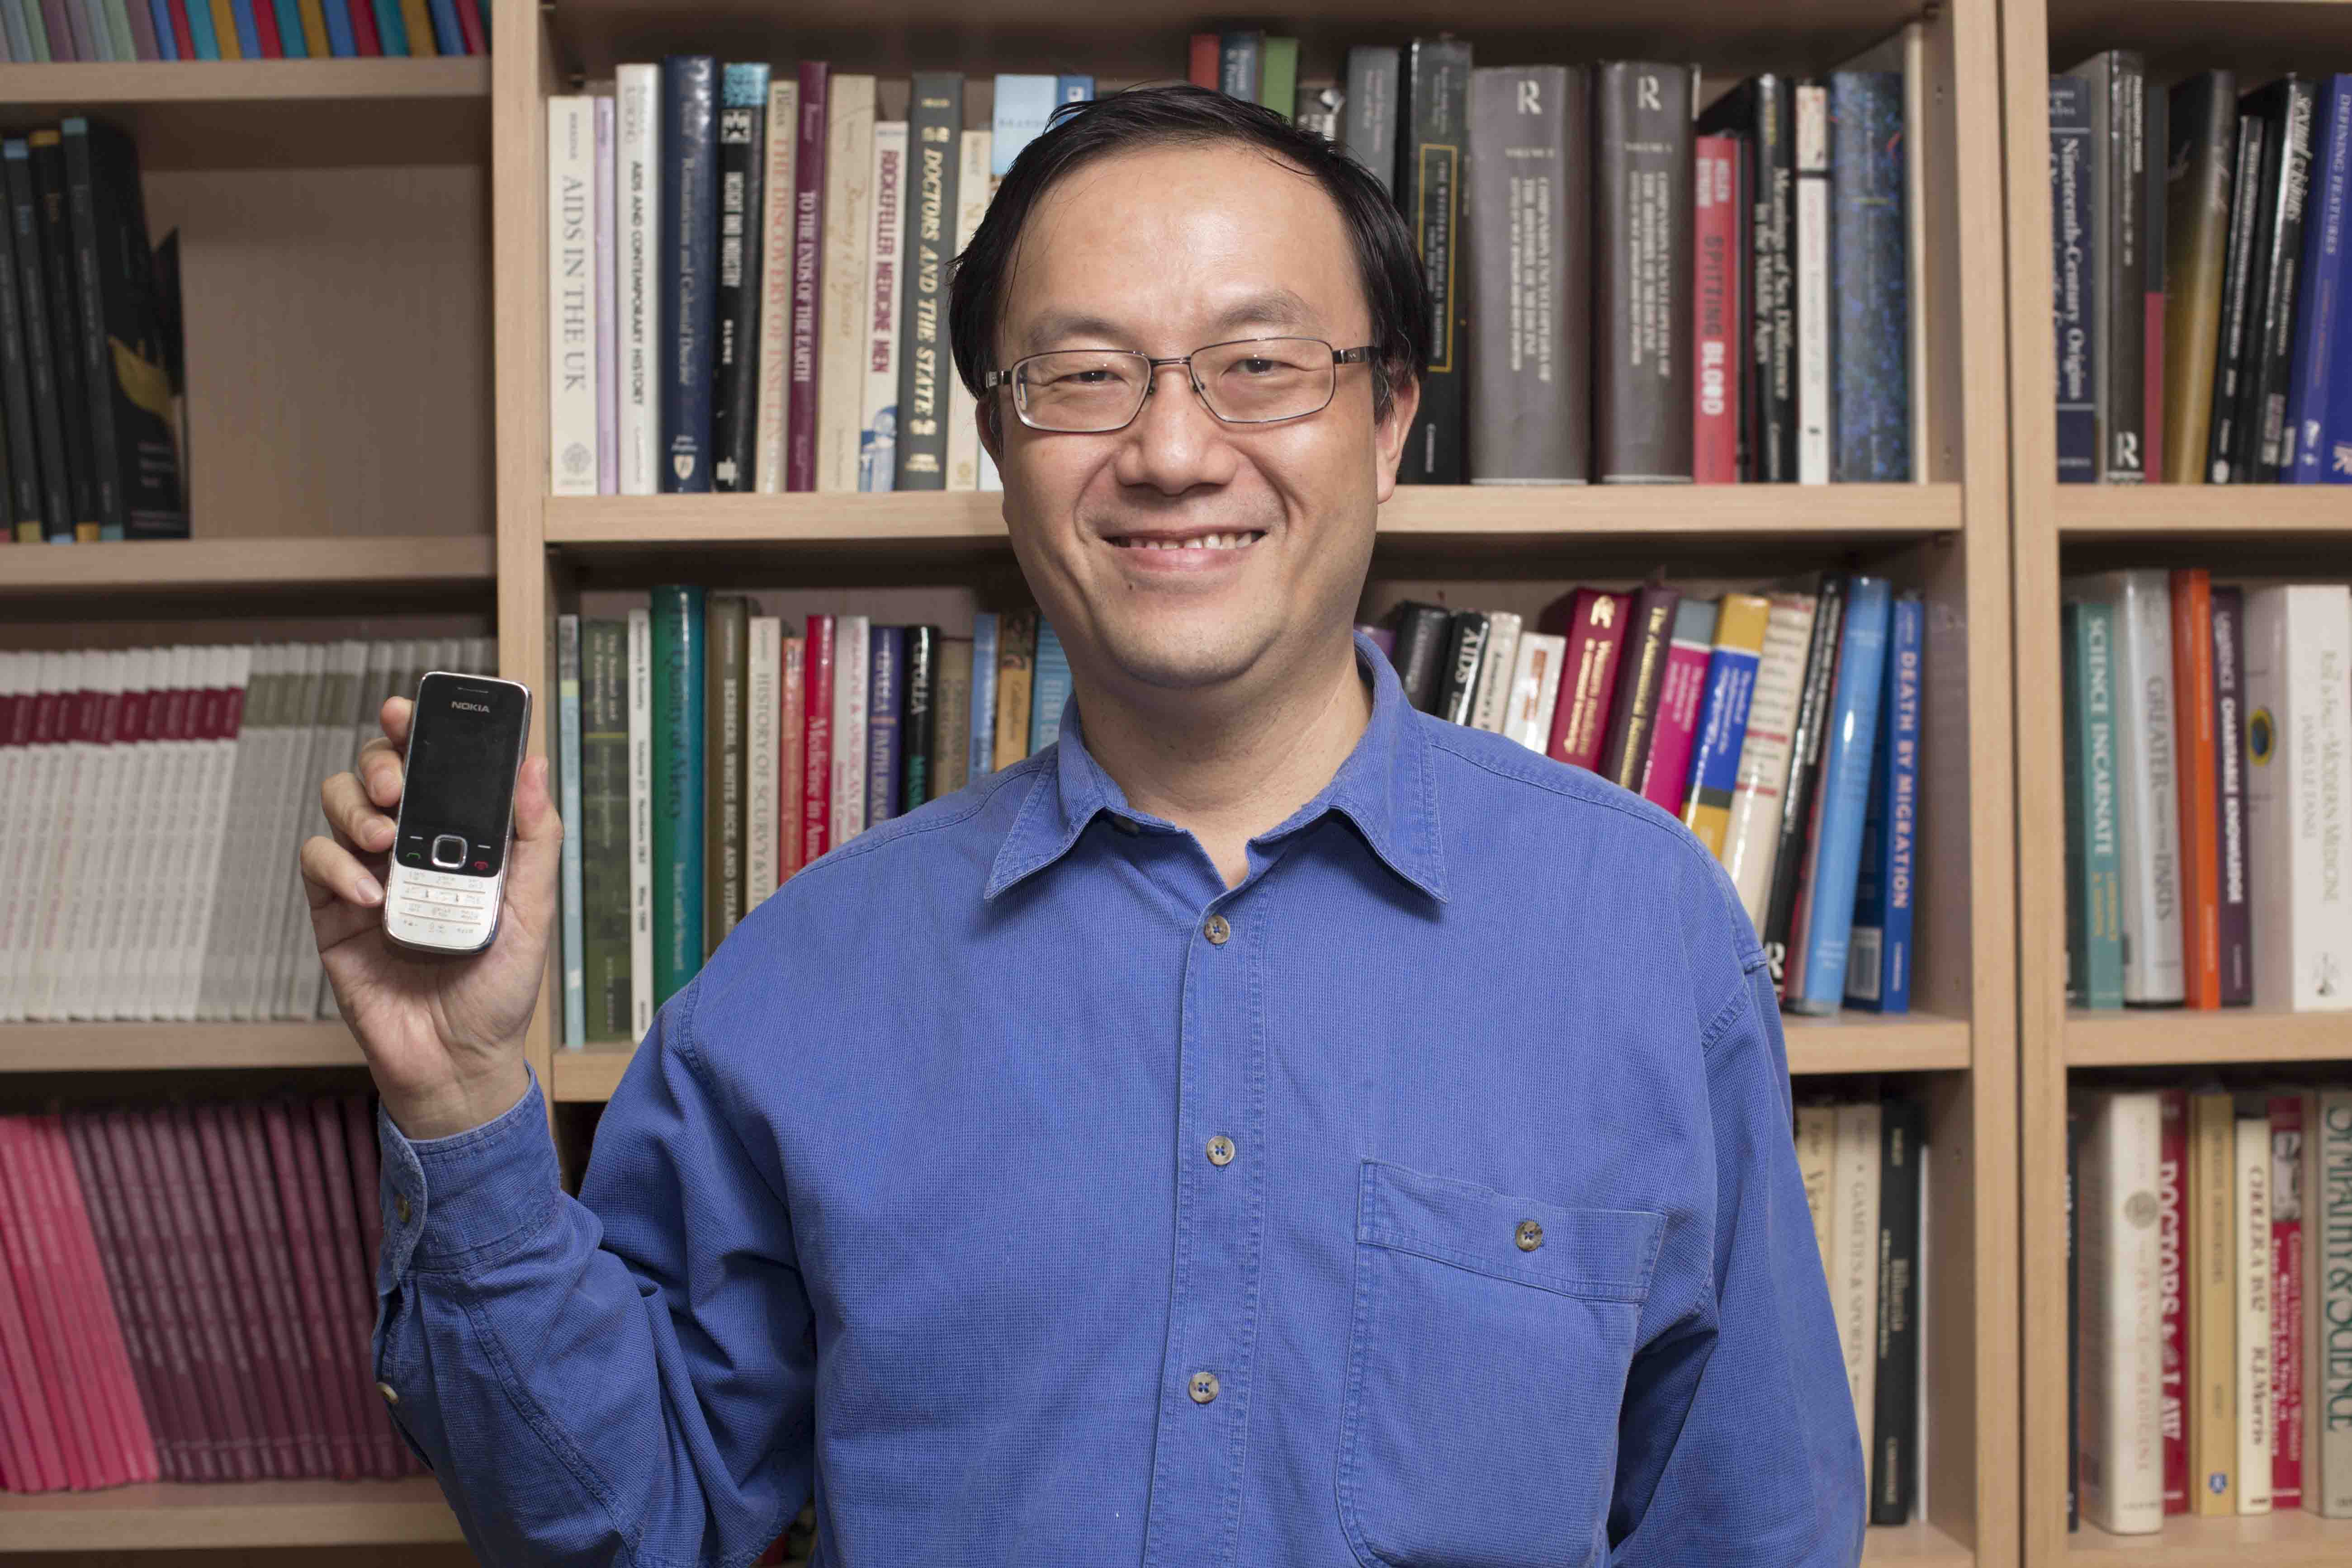 李尚仁現今仍使用 10 年前的 Nokia 手機,儼然是老科技的代言人。 攝影│ 張語辰